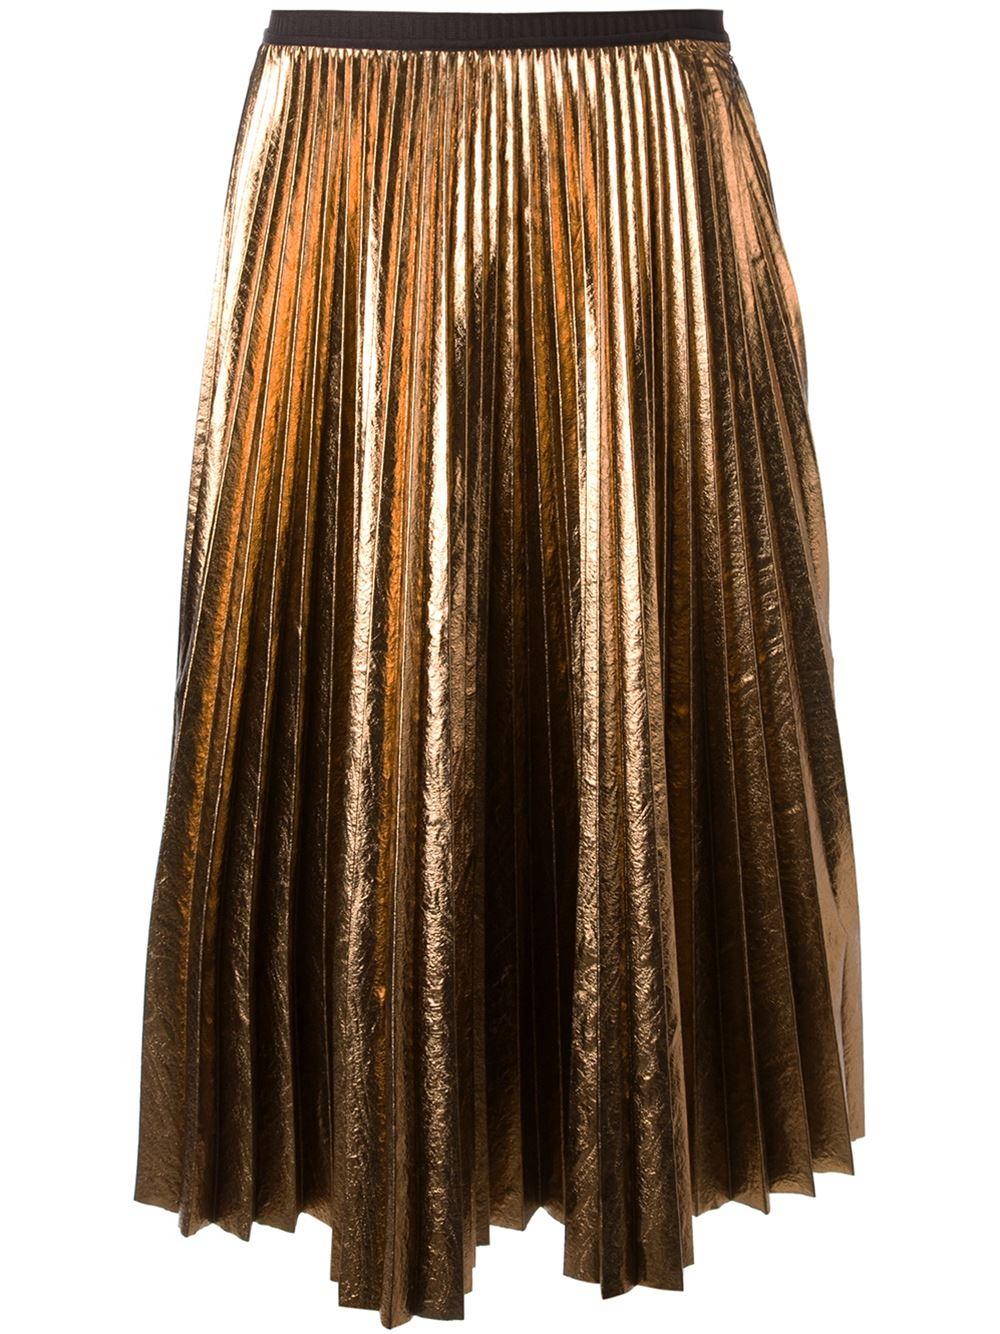 antonio marras metallic pleated skirt in gold metallic